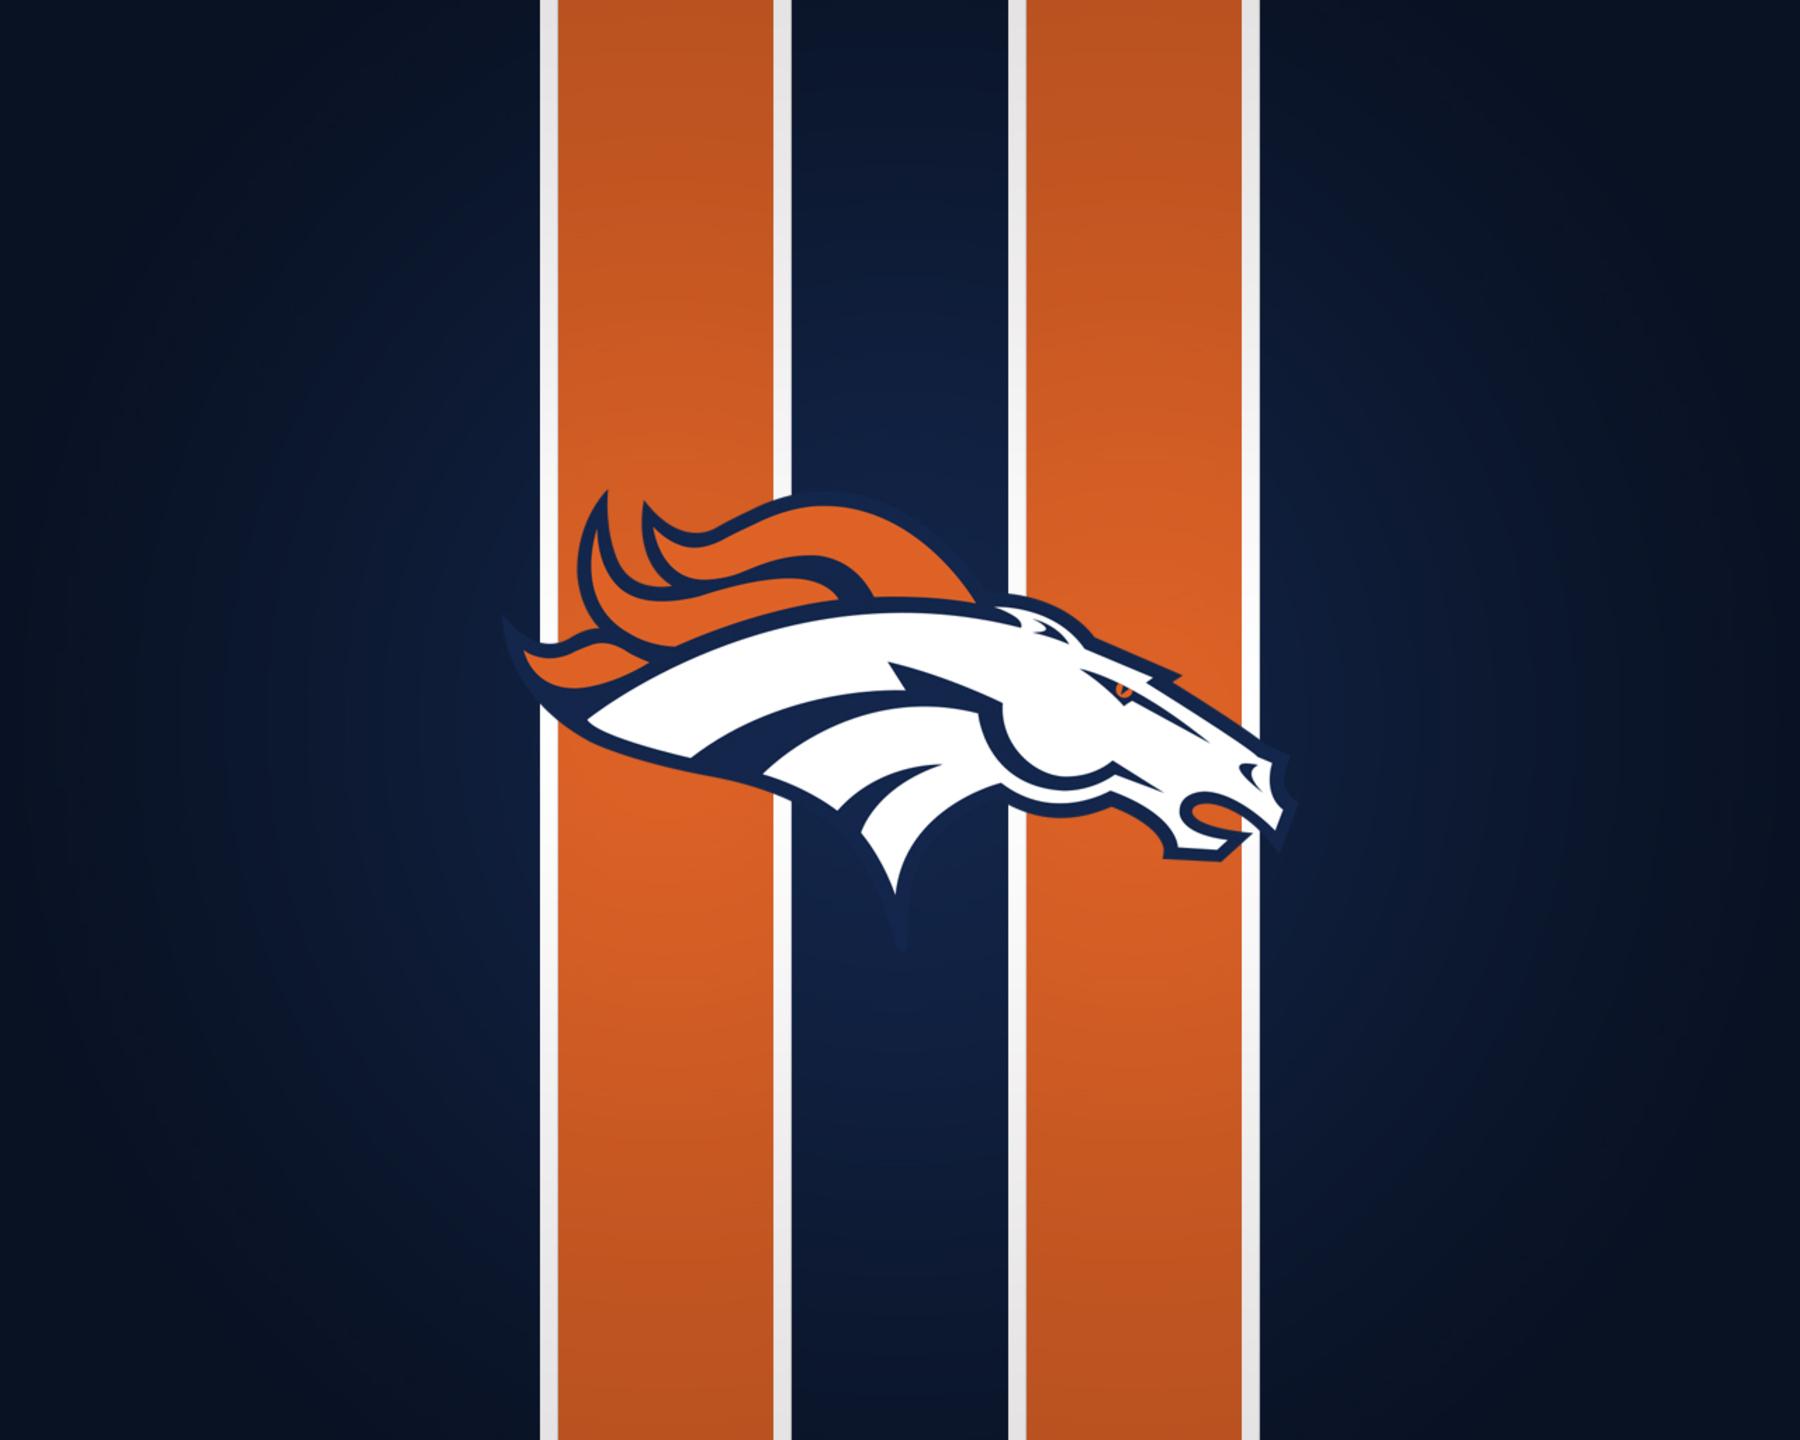 Denver broncos nfl football rh wallpaper 1800x1440 for Denver broncos colors